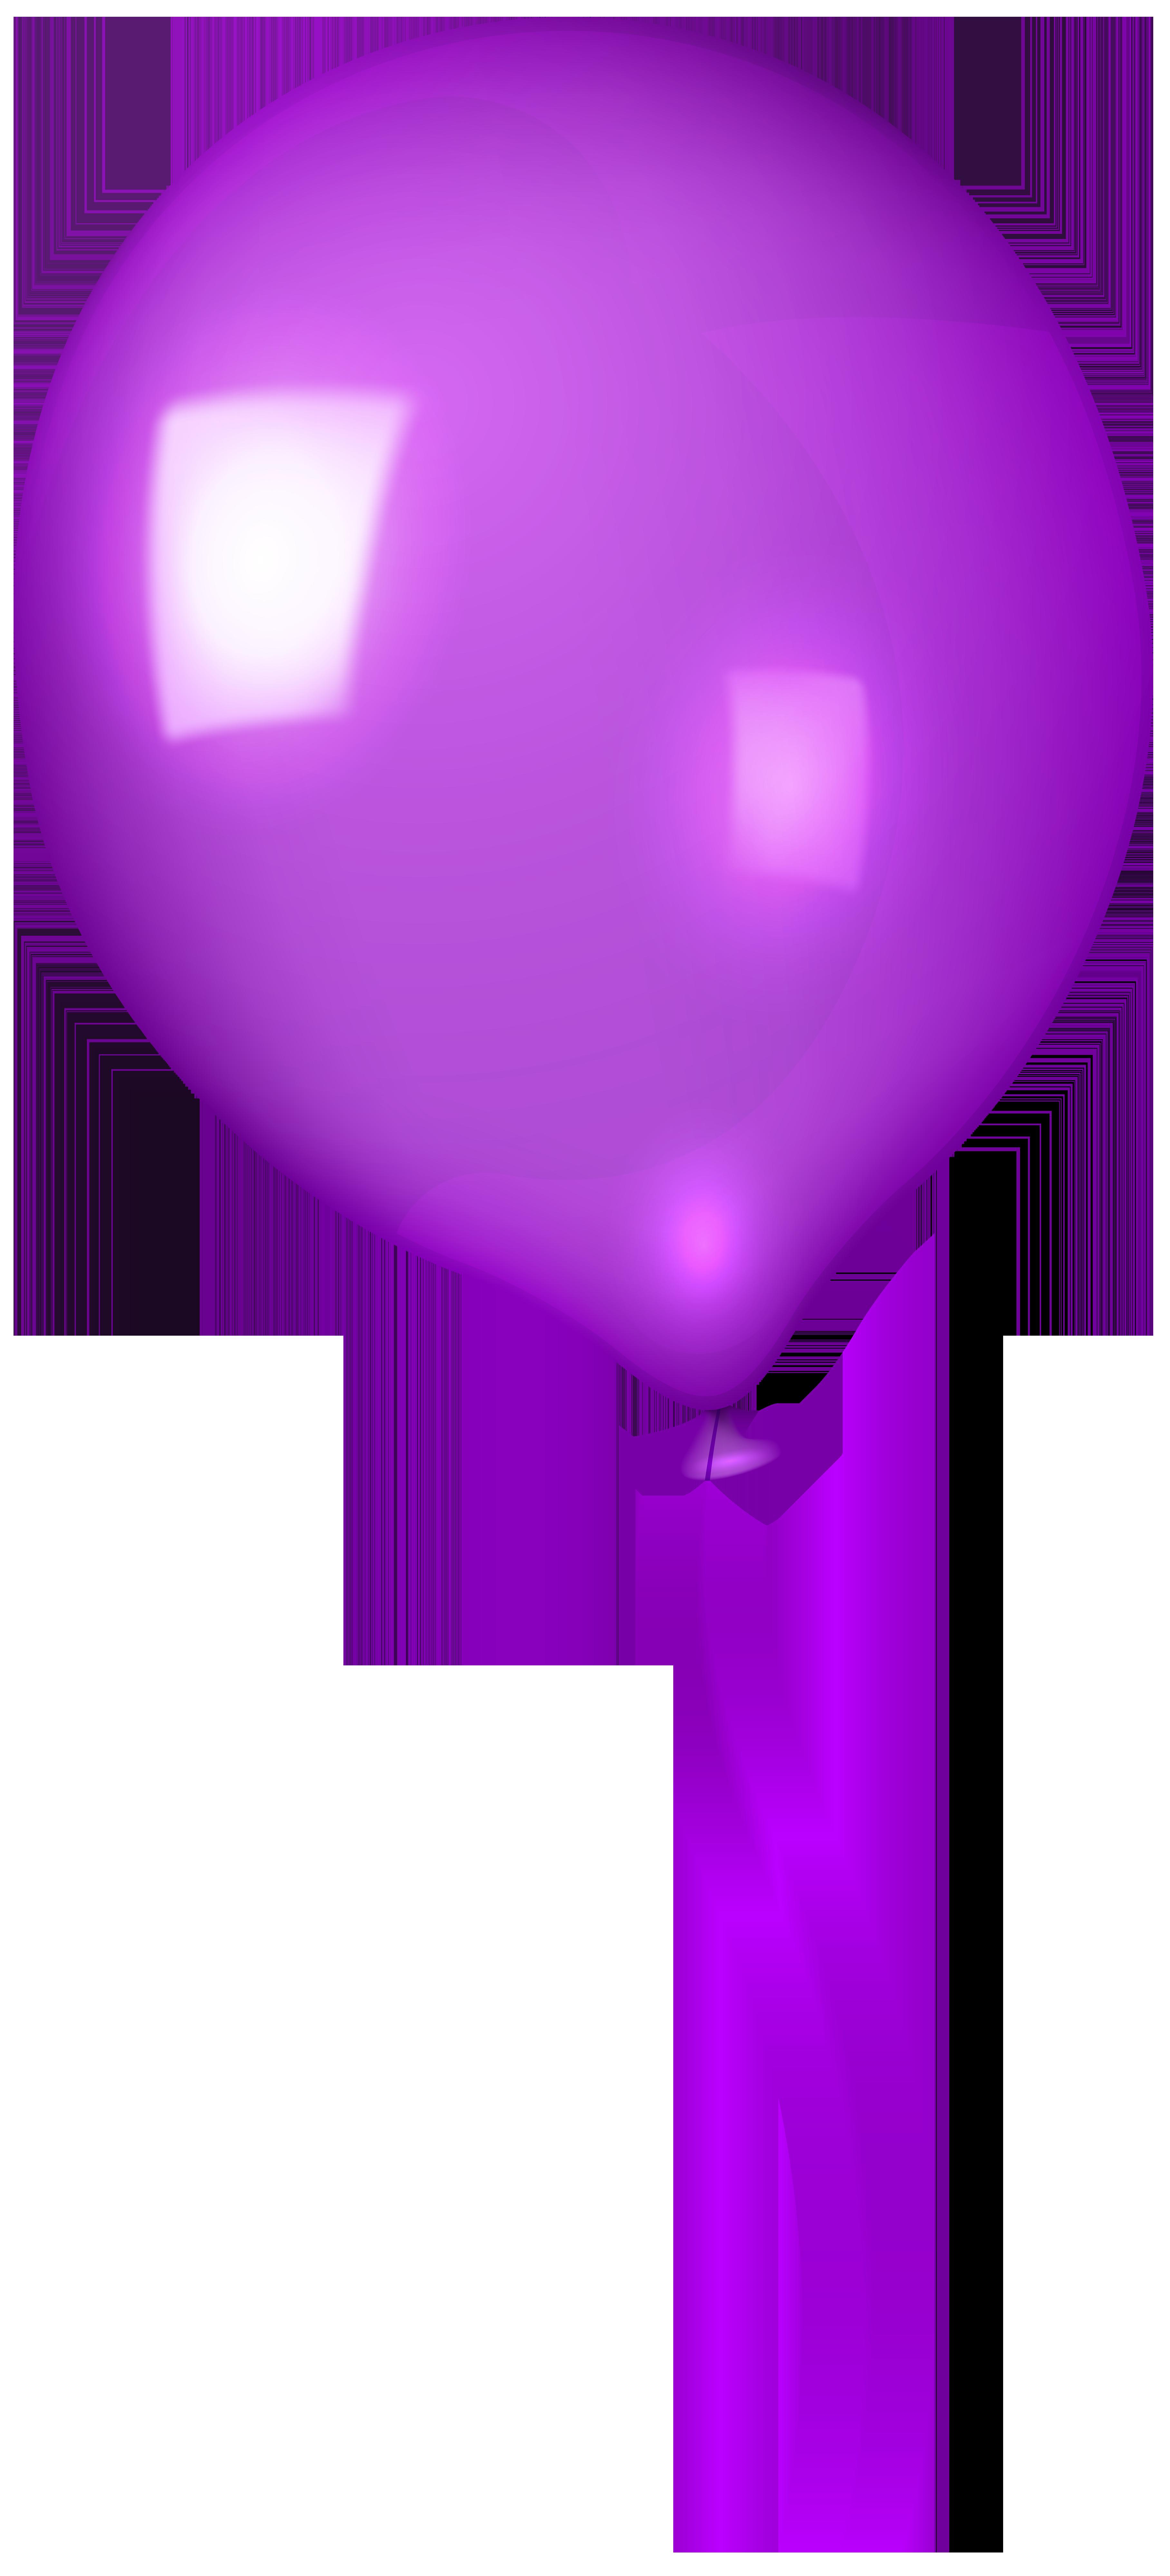 Purple Balloon Clip Art Image.